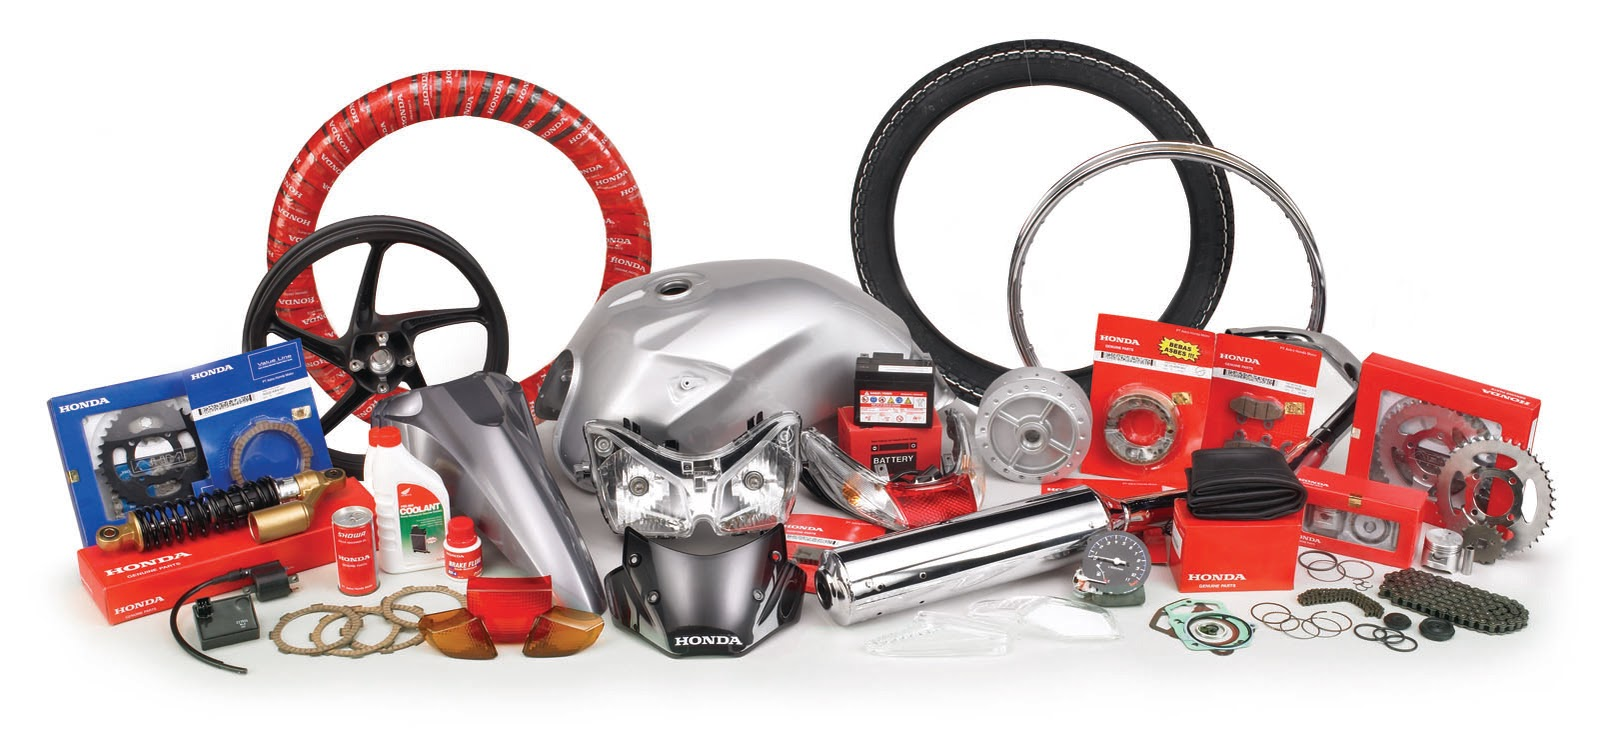 Sparepart Subtitusi Motor Matik Suzuki